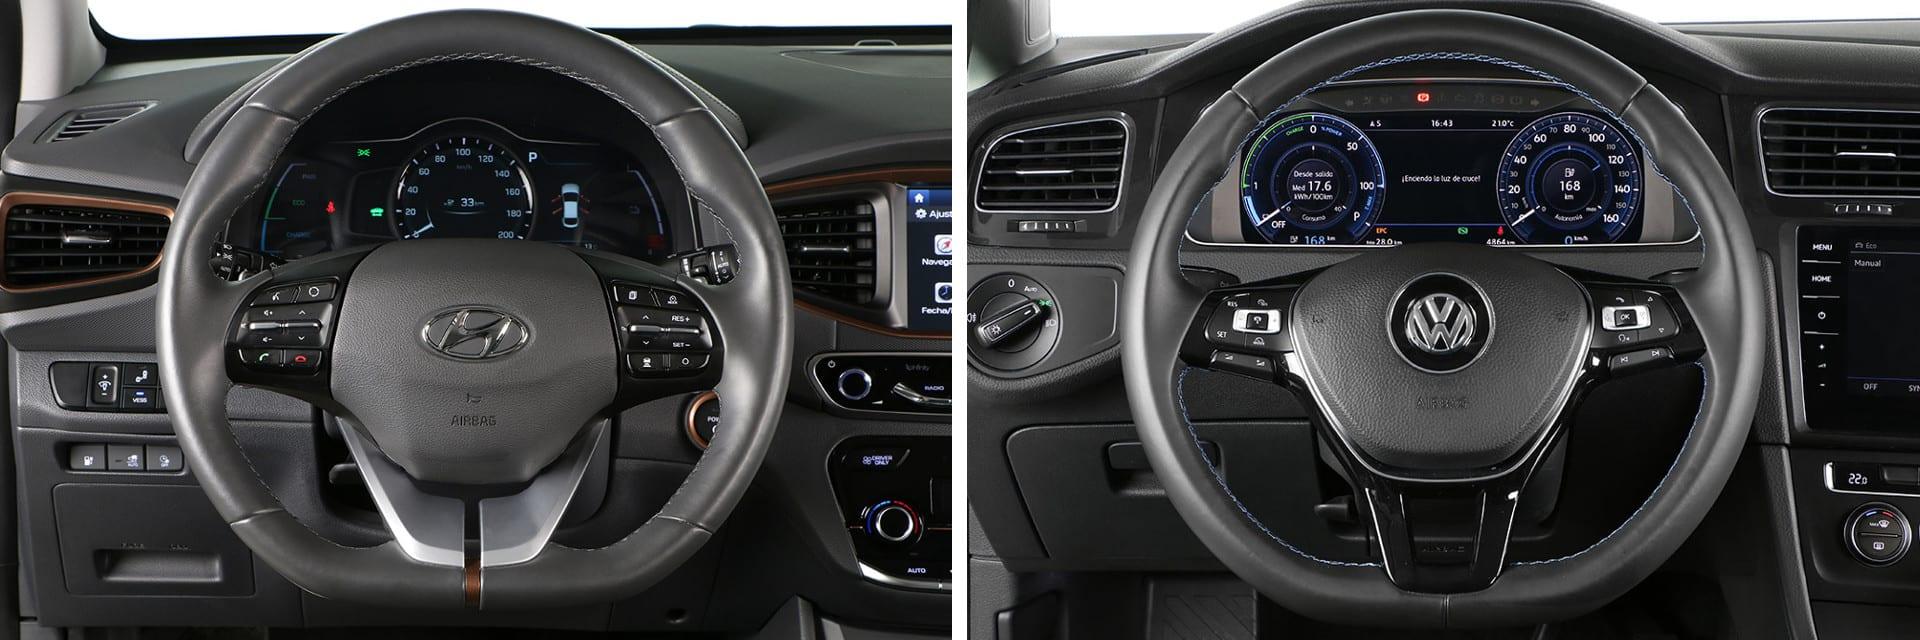 El IONIQ (izq.) está disponible de serie con el volante calefactado; el e-Golf (dcha.) no lo tiene ni opcional.